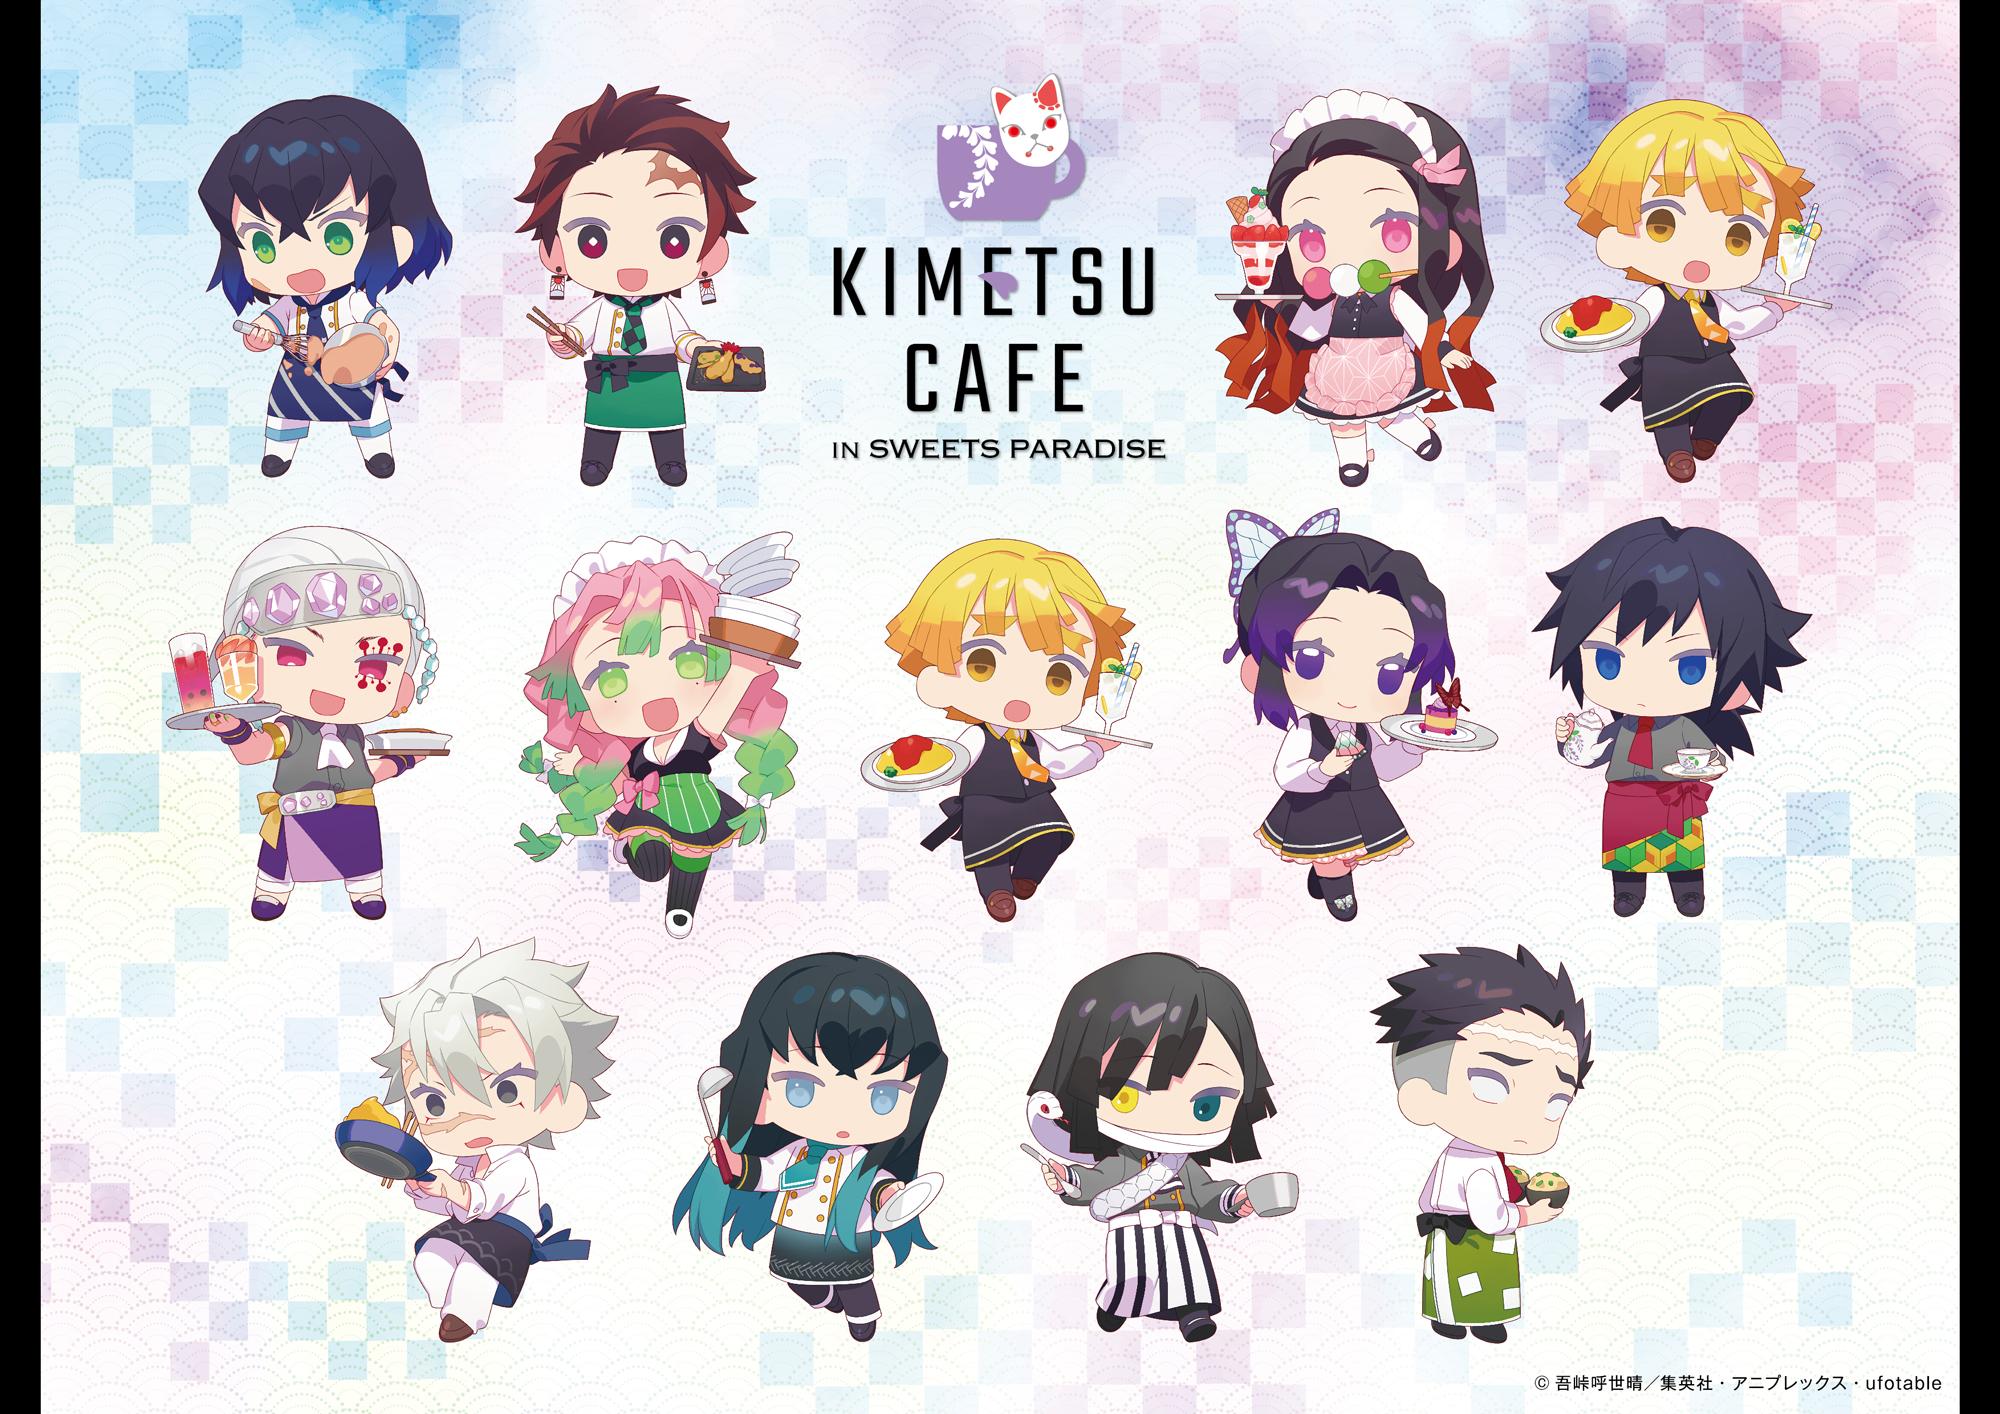 Kimetsu No Yaiba Demon Slayer Kimetsu No Yaiba Image 2802368 Zerochan Anime Image Board You can also upload and share your favorite mitsuri kanroji wallpapers. kimetsu no yaiba demon slayer kimetsu